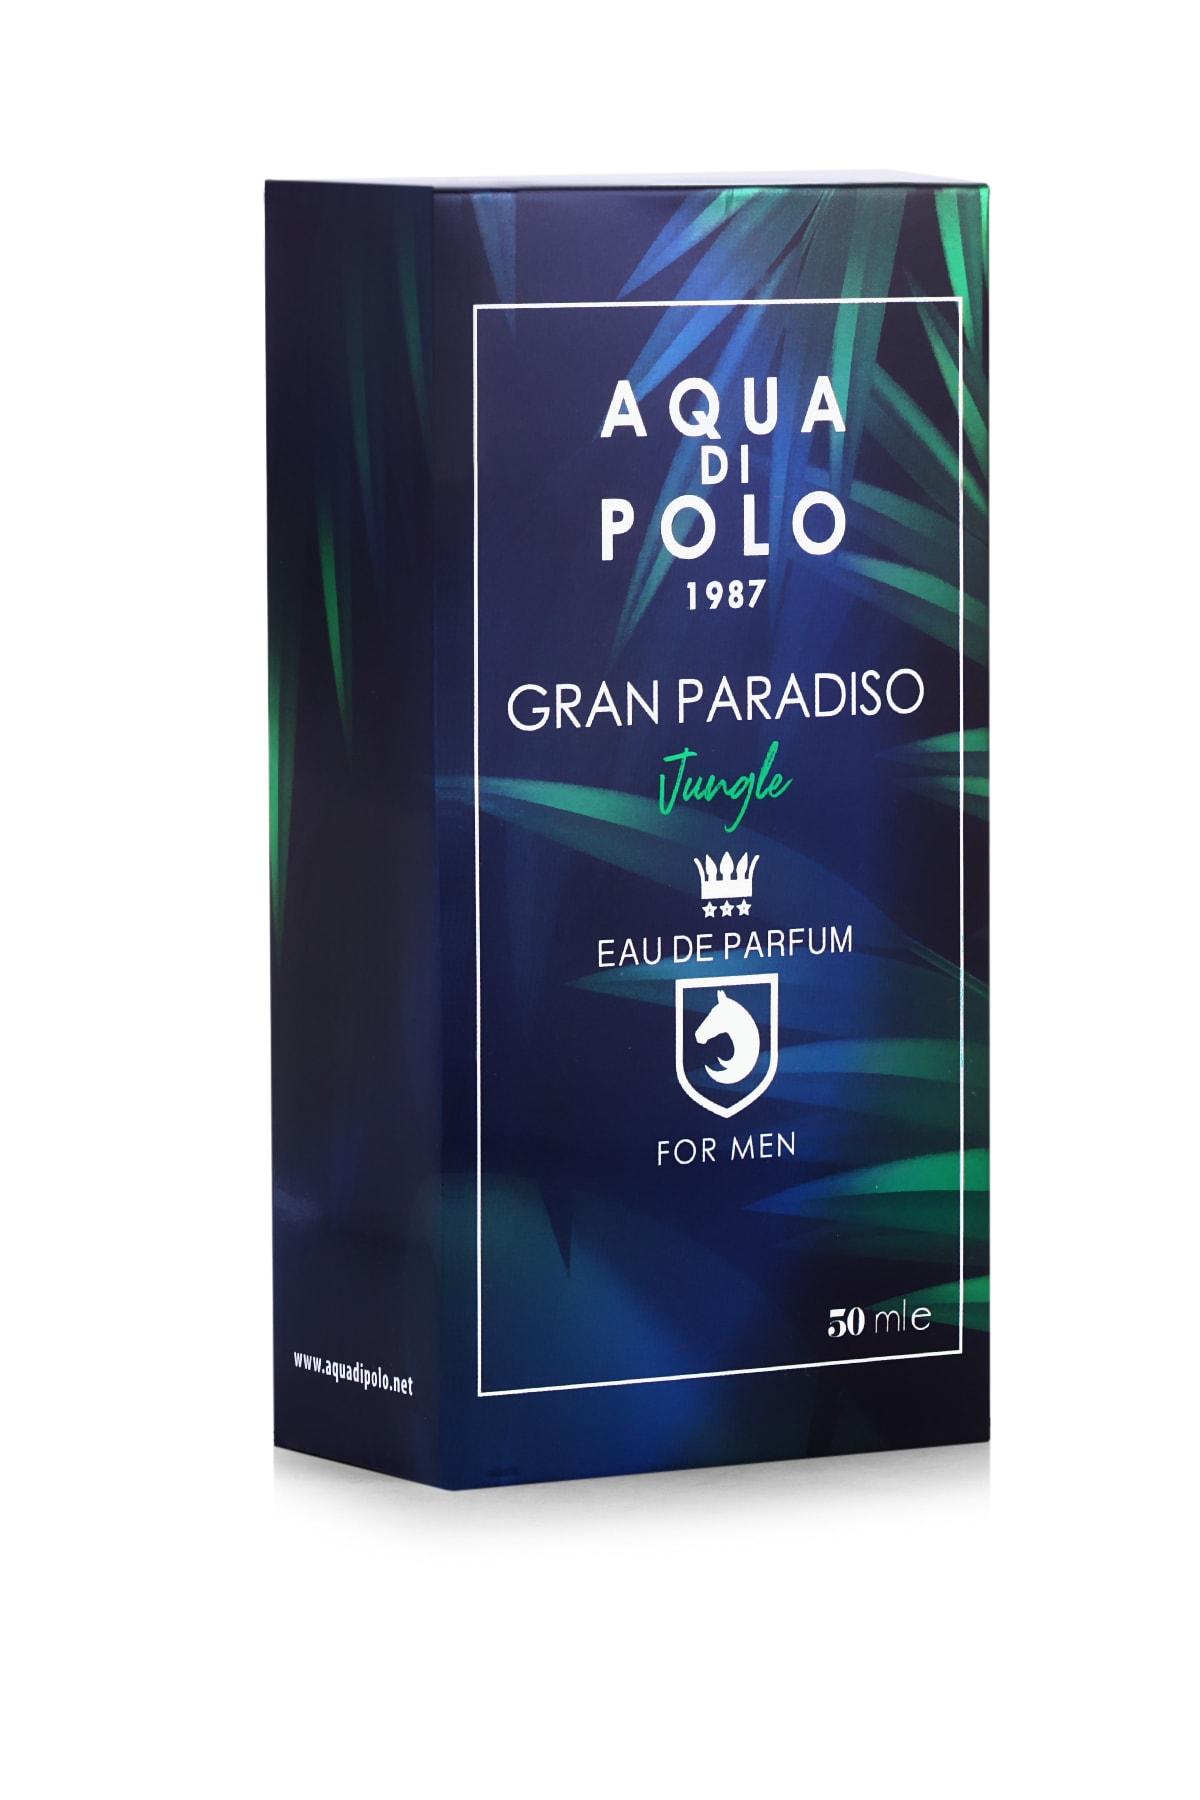 Aqua Di Polo 1987 Gran Paradiso Jungle Edp 50 ml Erkek Parfümü 8682367012784 2